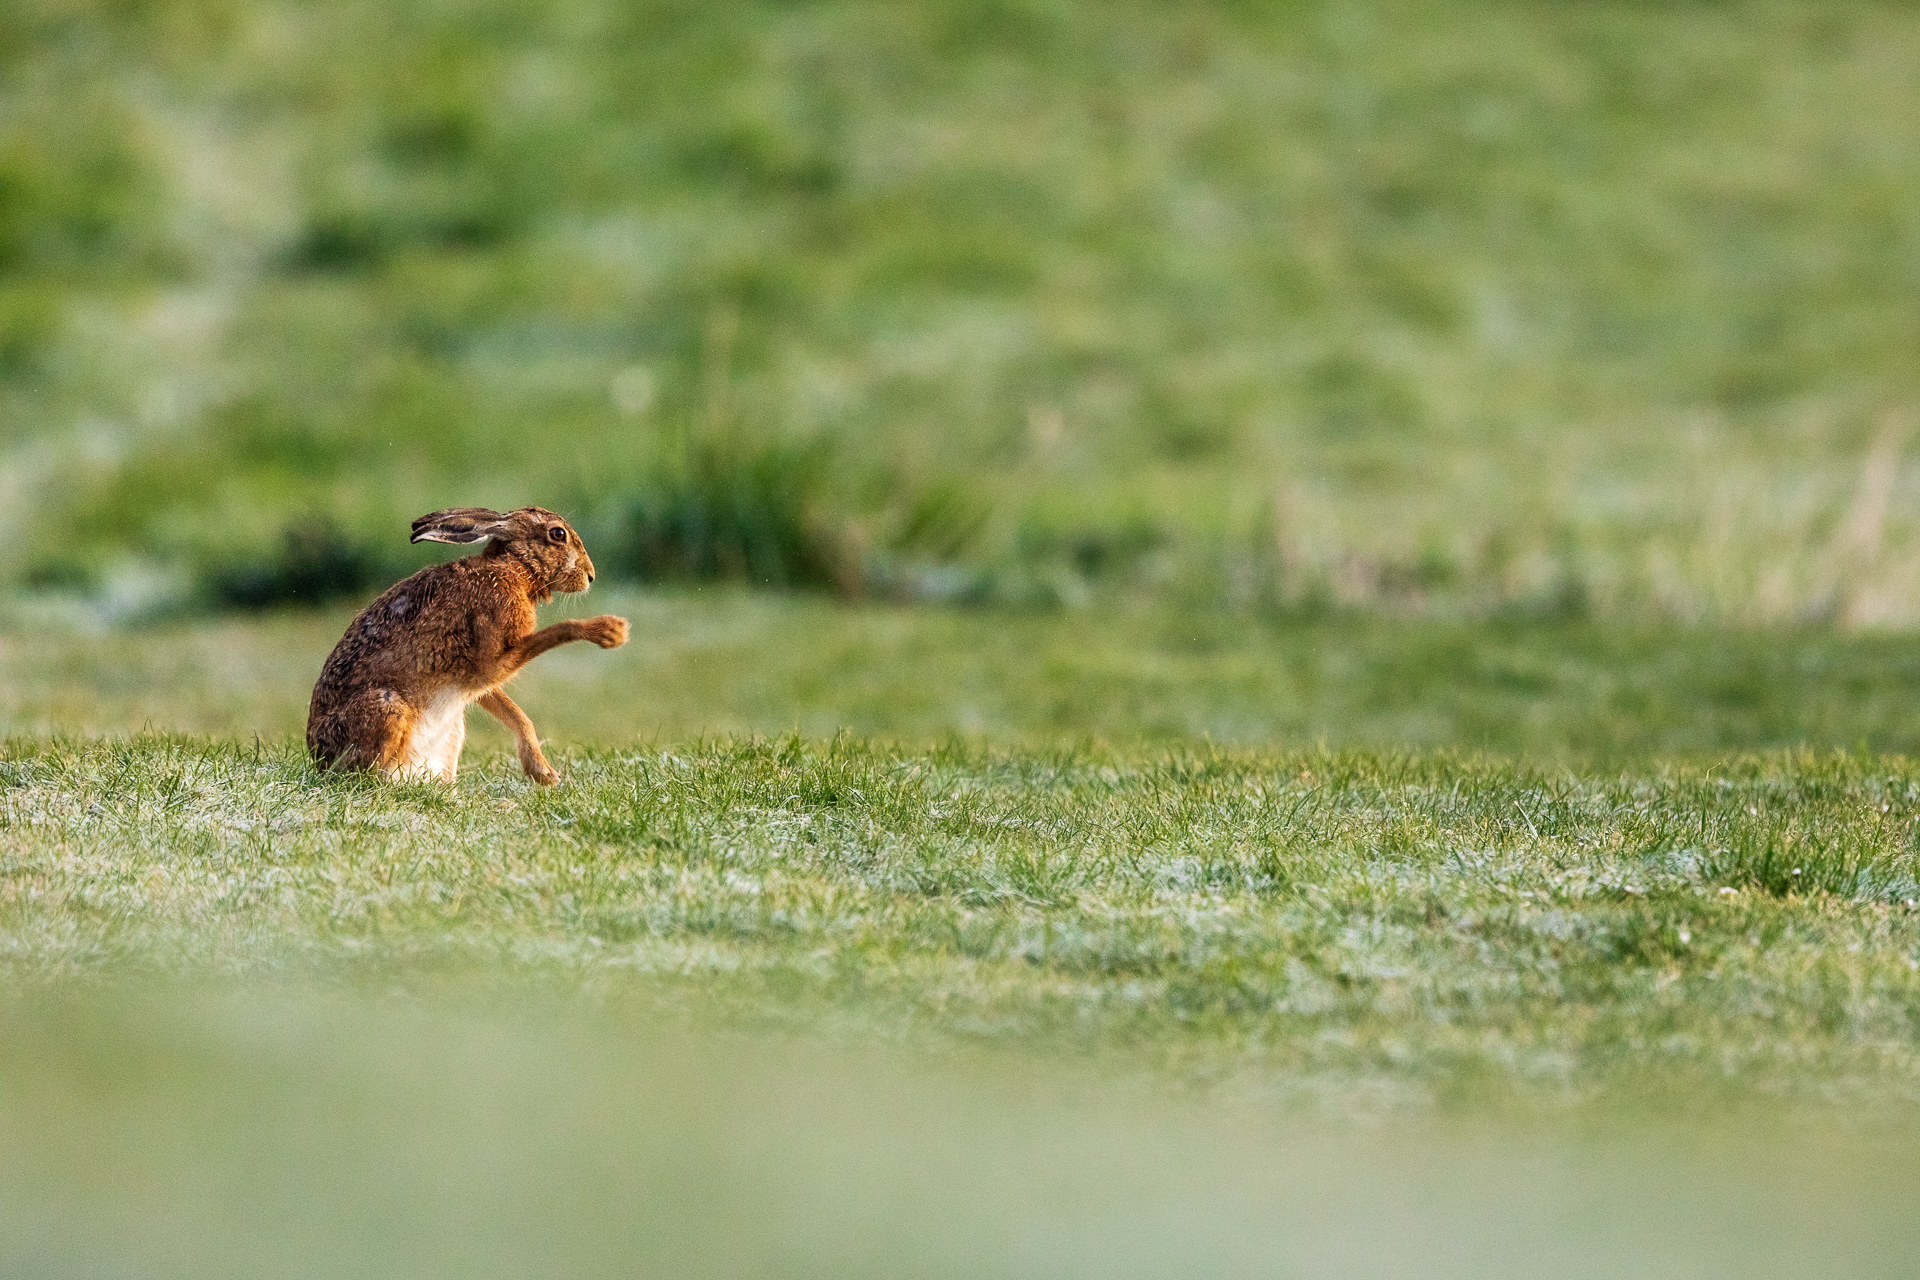 Ein Feldhase (Lepus europaeus) beim Schattenboxen / Foto: Andreas Sebald